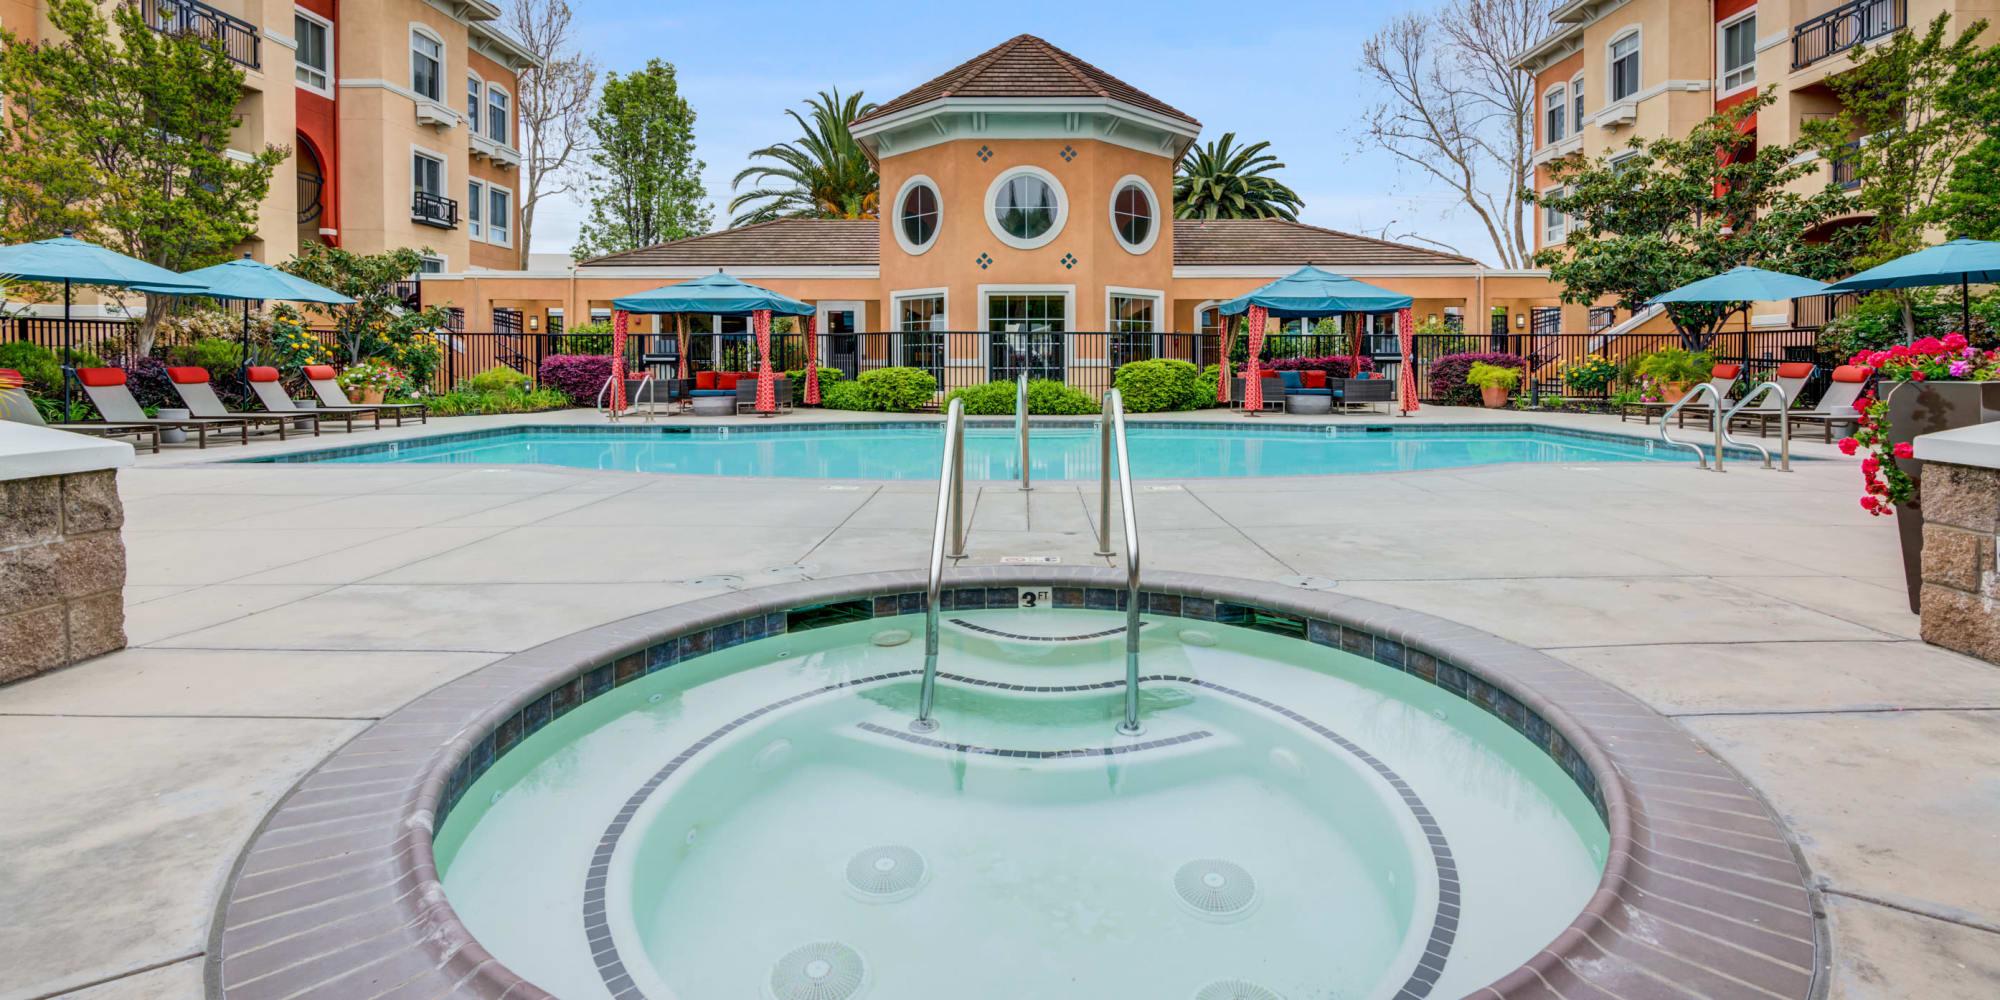 Hot tun near pool at at Villa Del Sol in Sunnyvale, CA